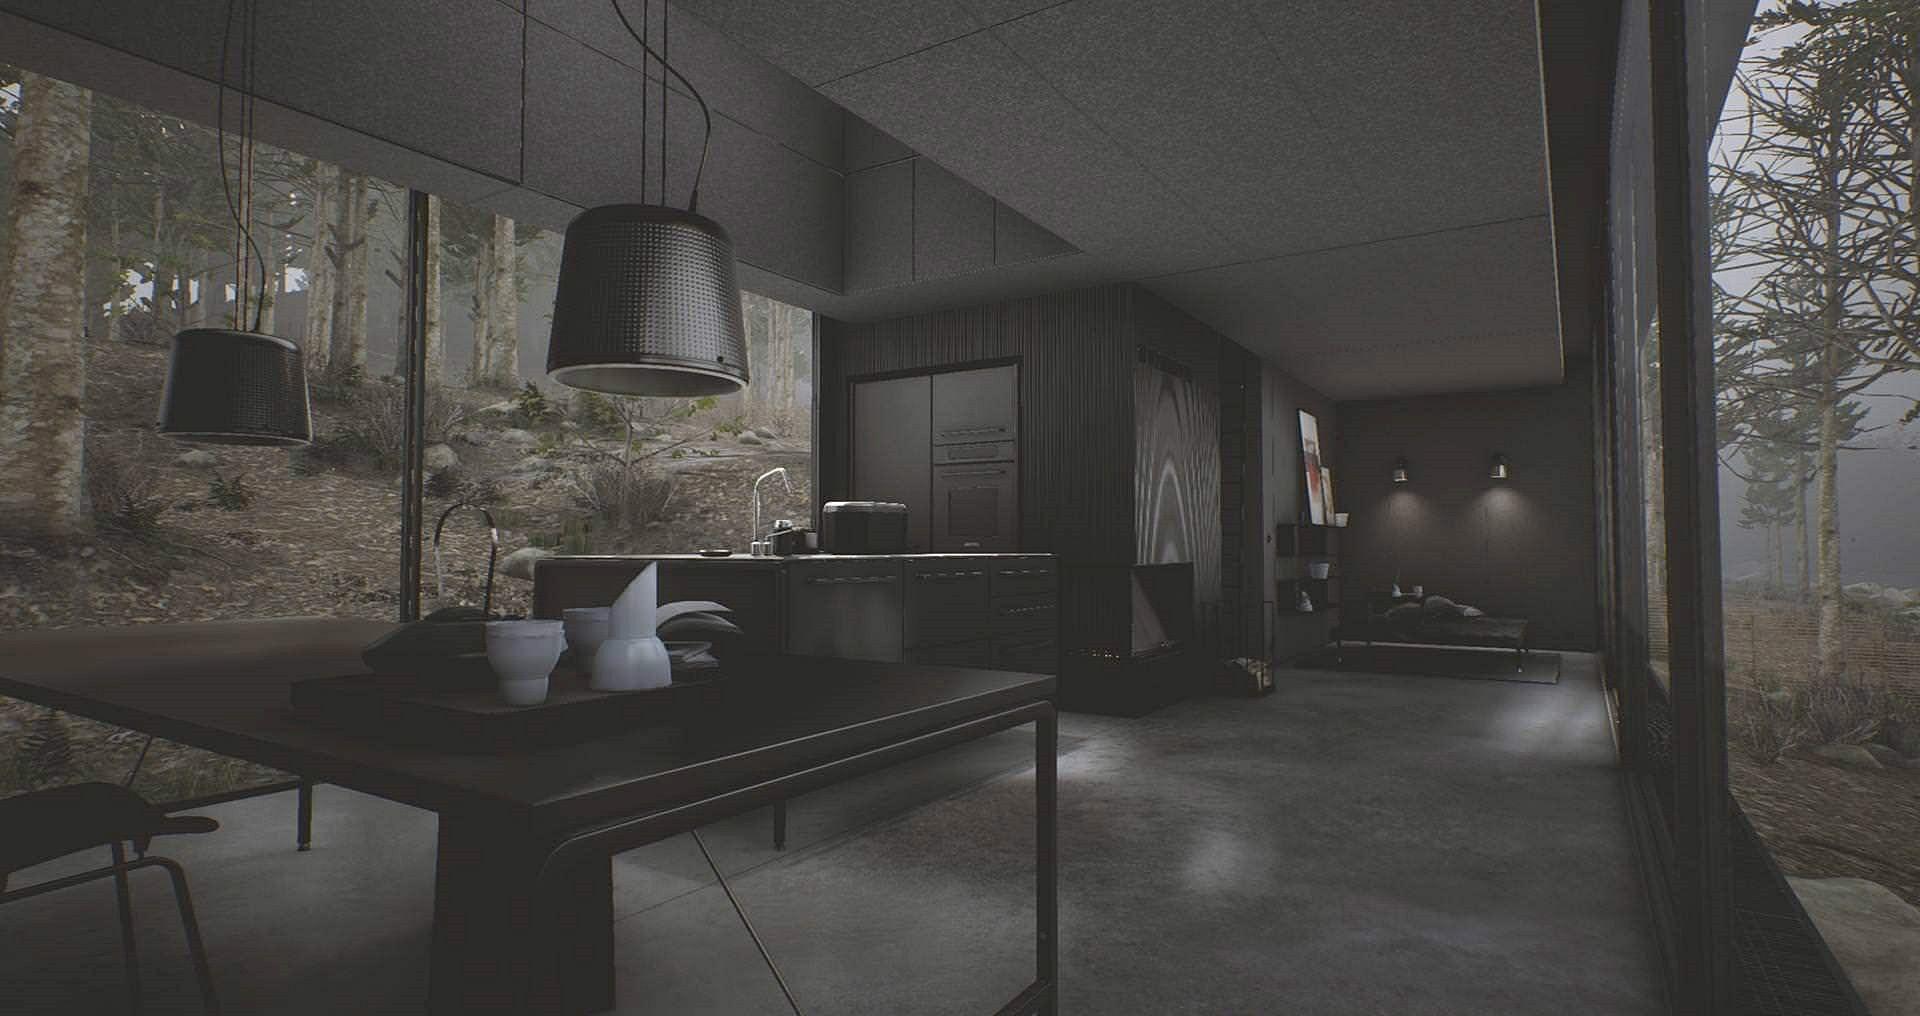 Interior hotel Vipp Shelter en 3D, consejos para iluminar una habitación oscura @Utrillanais